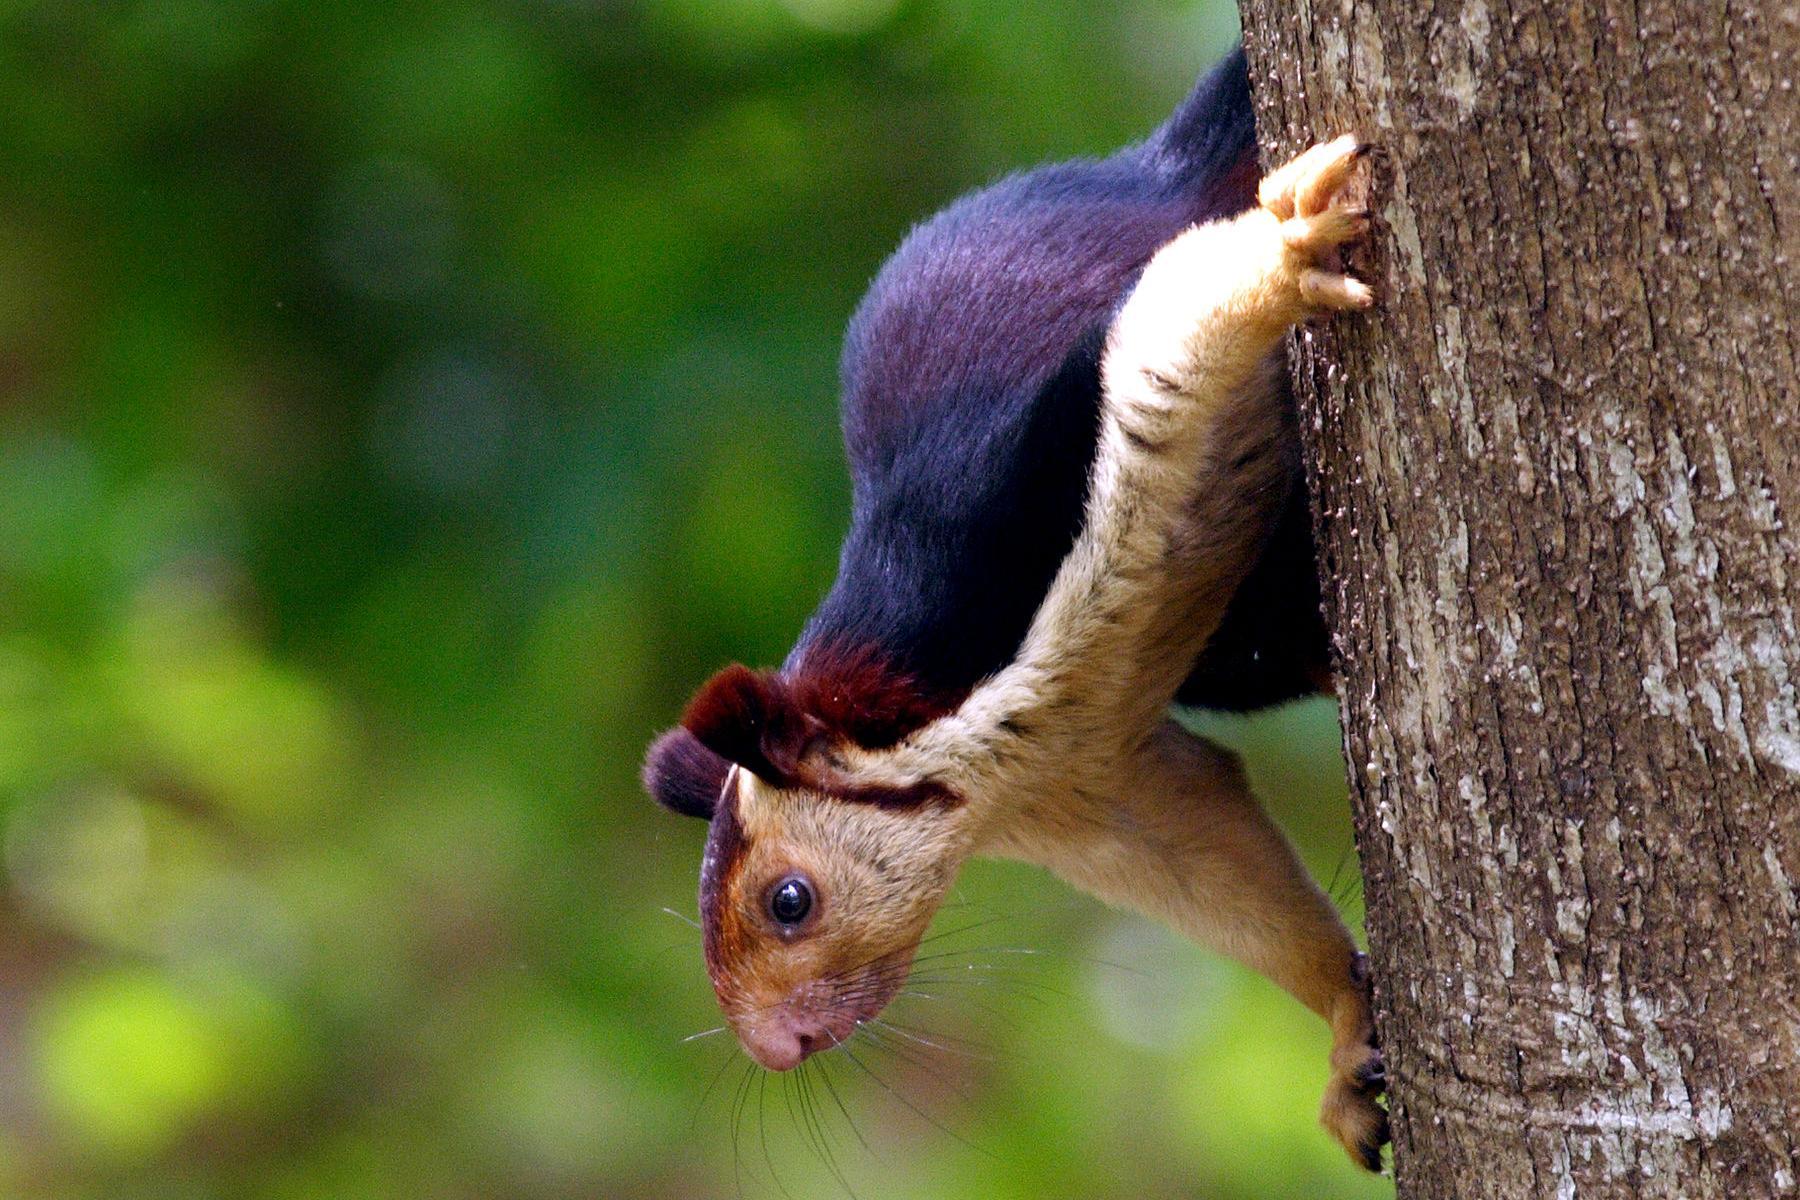 Malabar Giant Squirrel, Wikimedia Commons, N.A. Nazeer